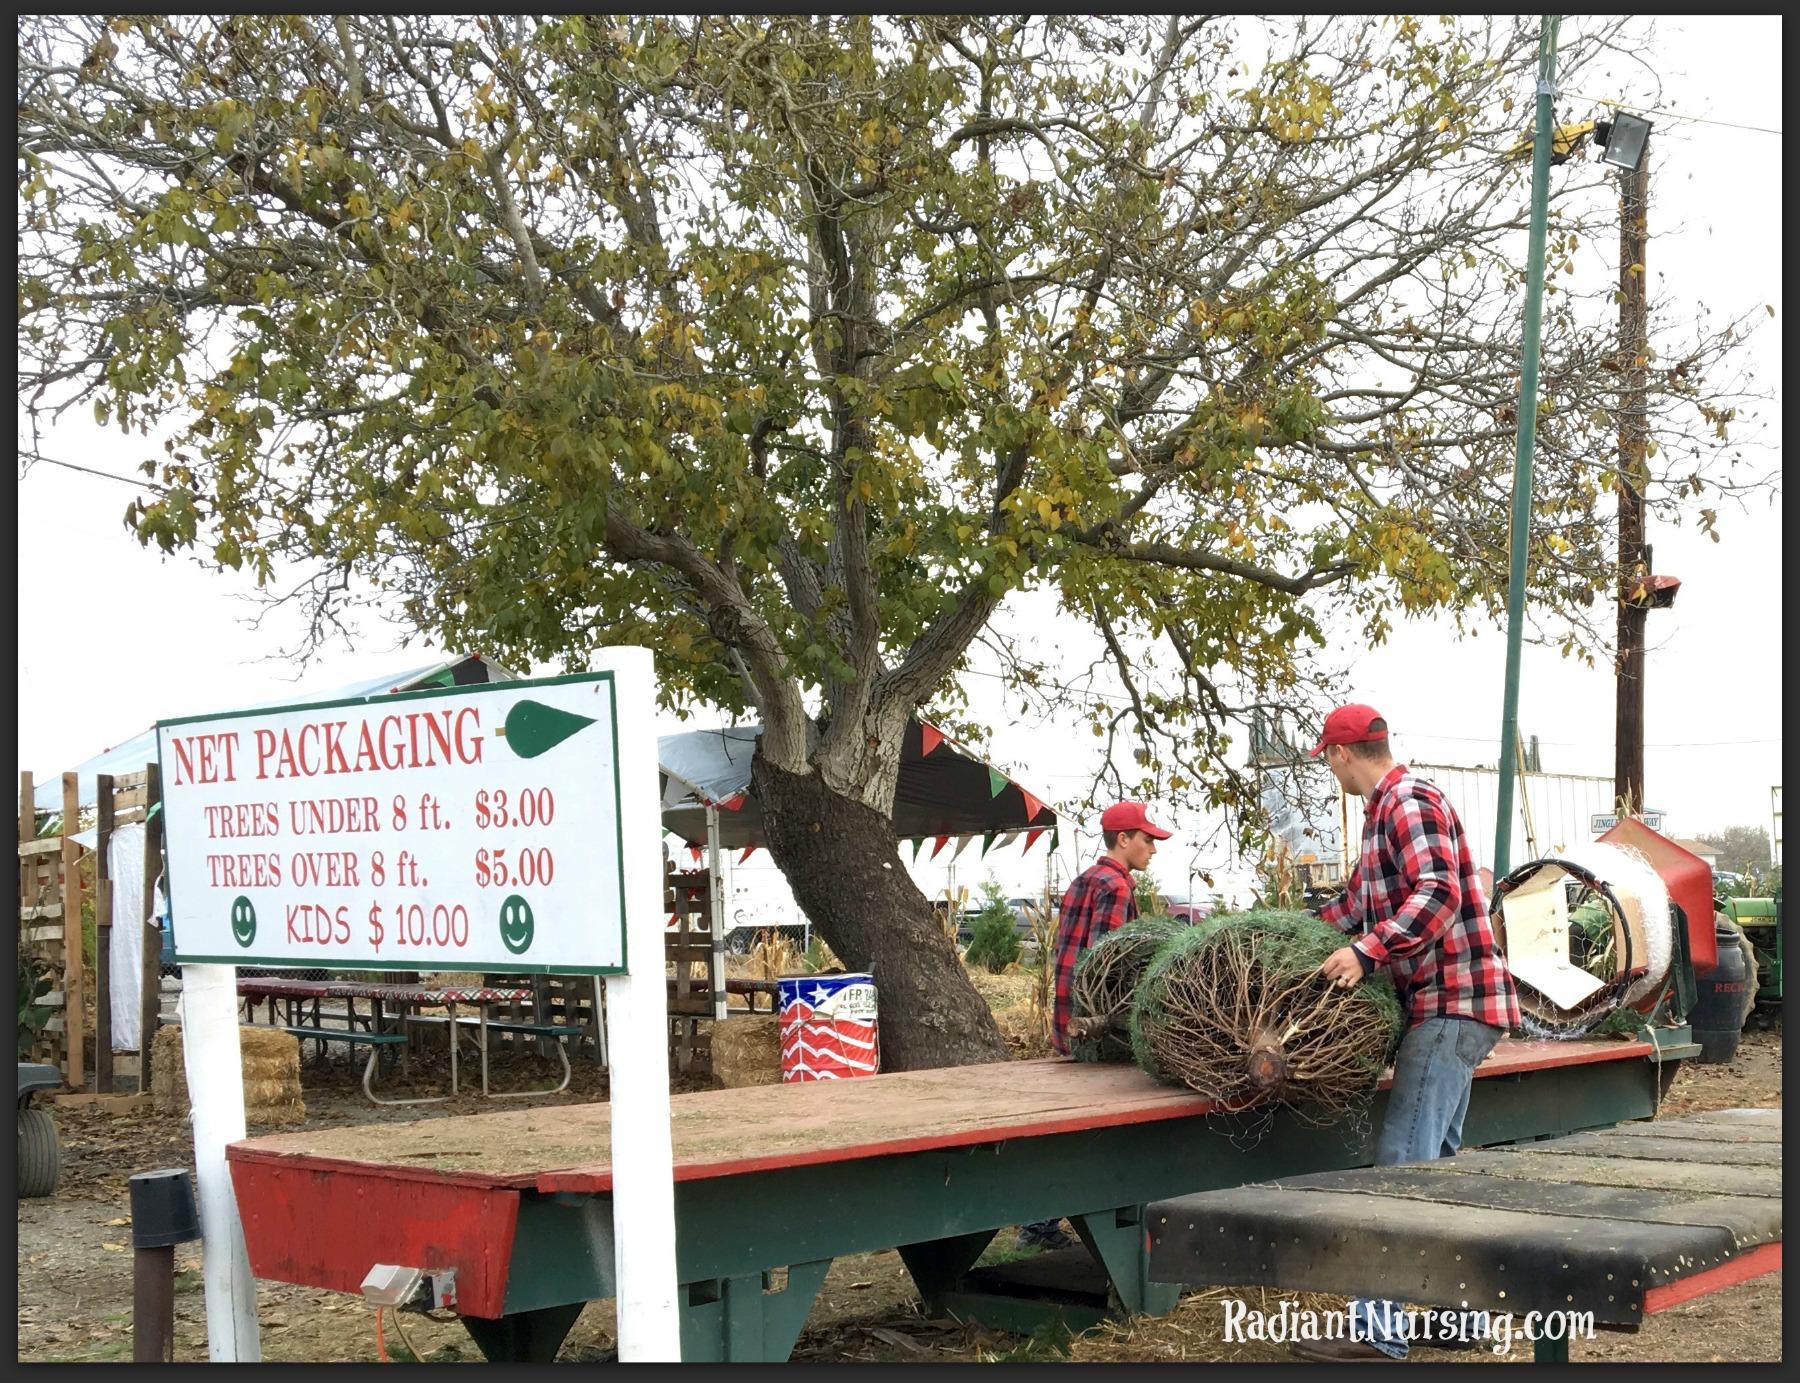 Net Packaging for Christmas trees. $10 for kids! Just kidding!